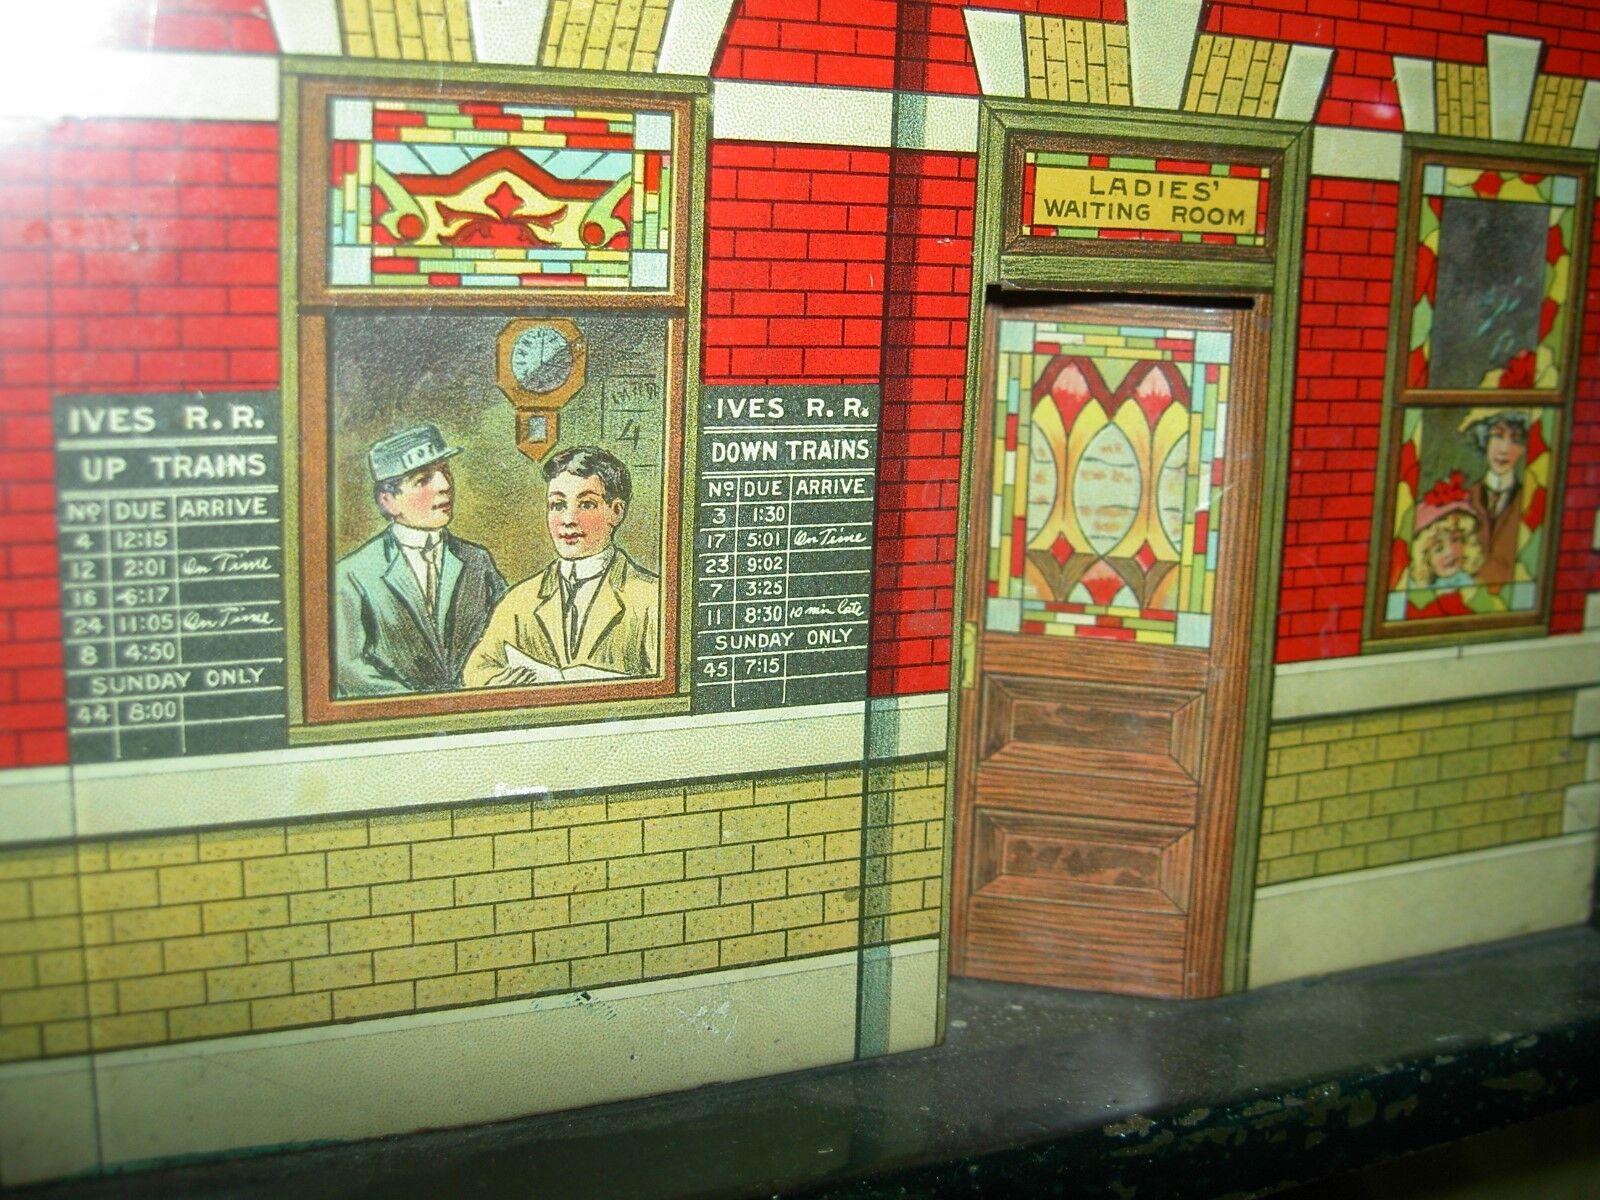 Ives Nº 113 Estación Unión Litografía preguerra estándar calibre estación de tren con la historia